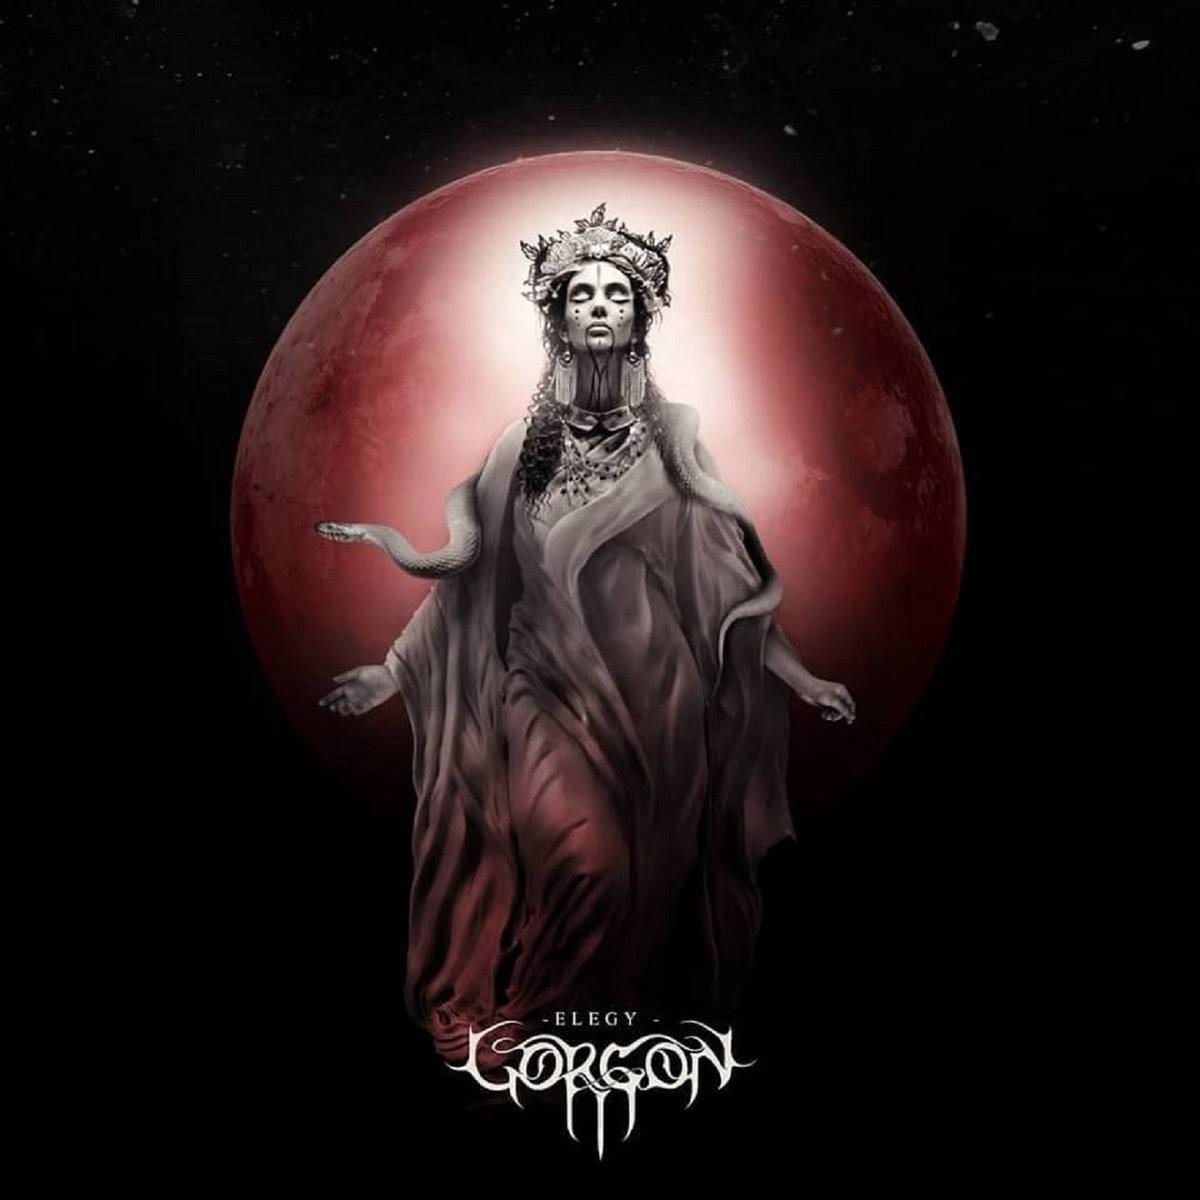 Gorgon - Elegy